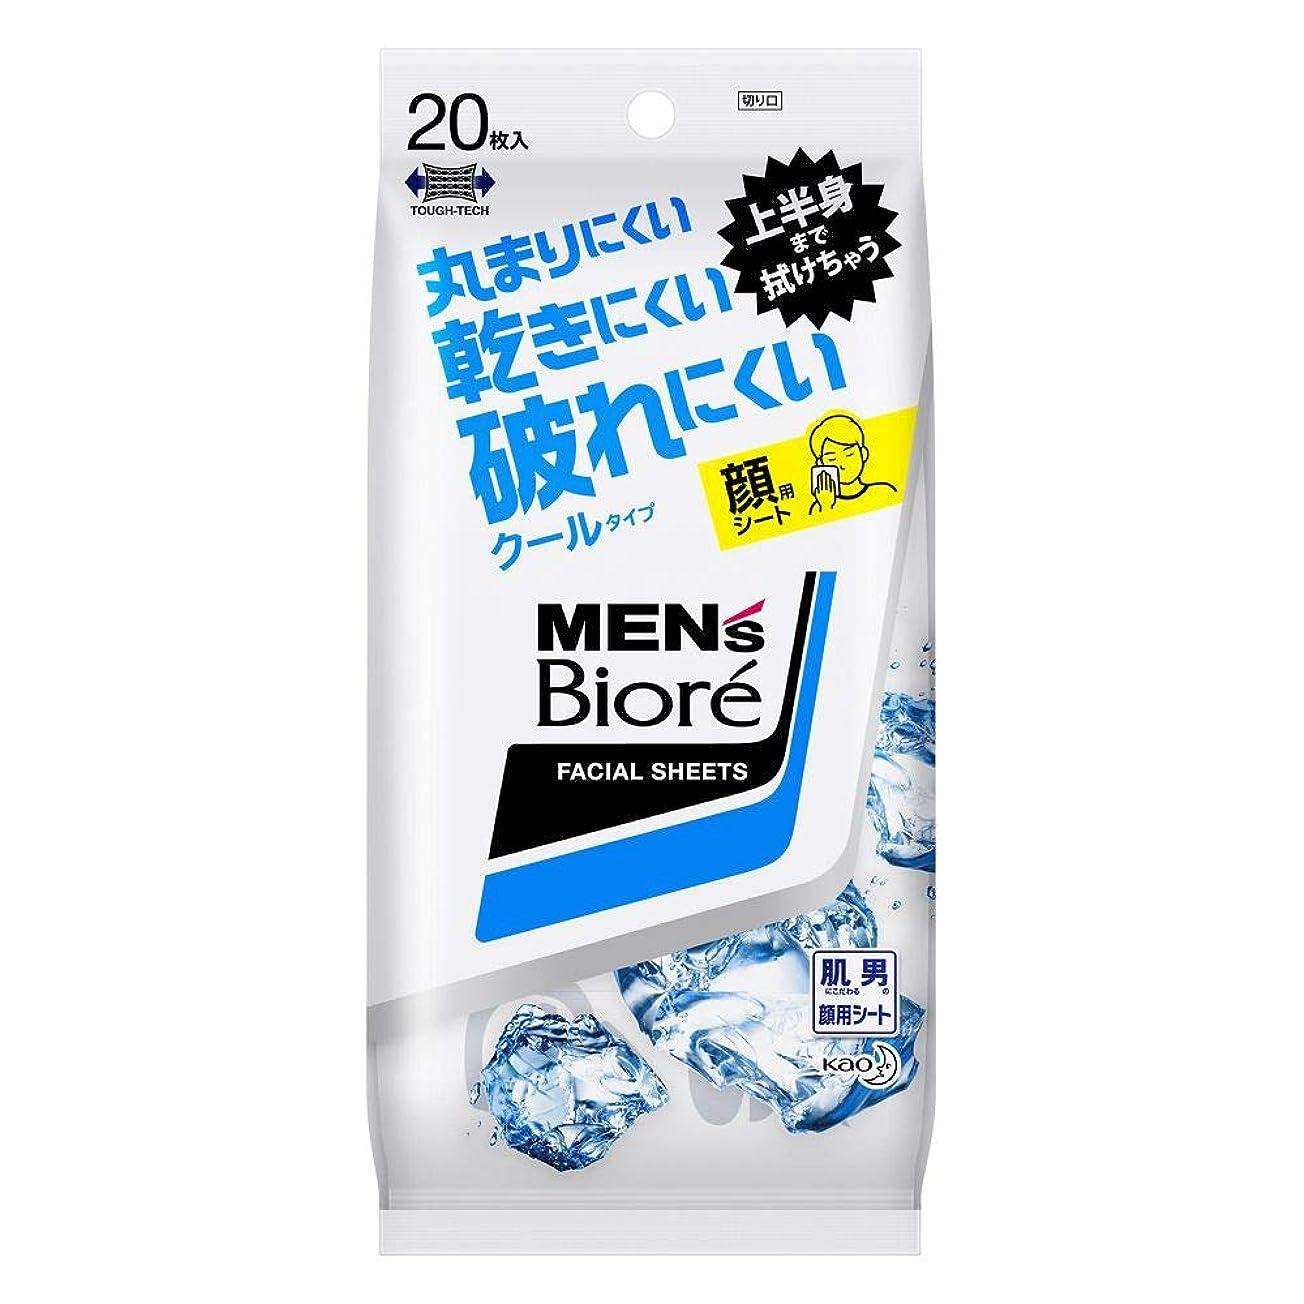 恥ずかしさ出会い島花王 メンズビオレ 洗顔シート クール 携帯用 20枚